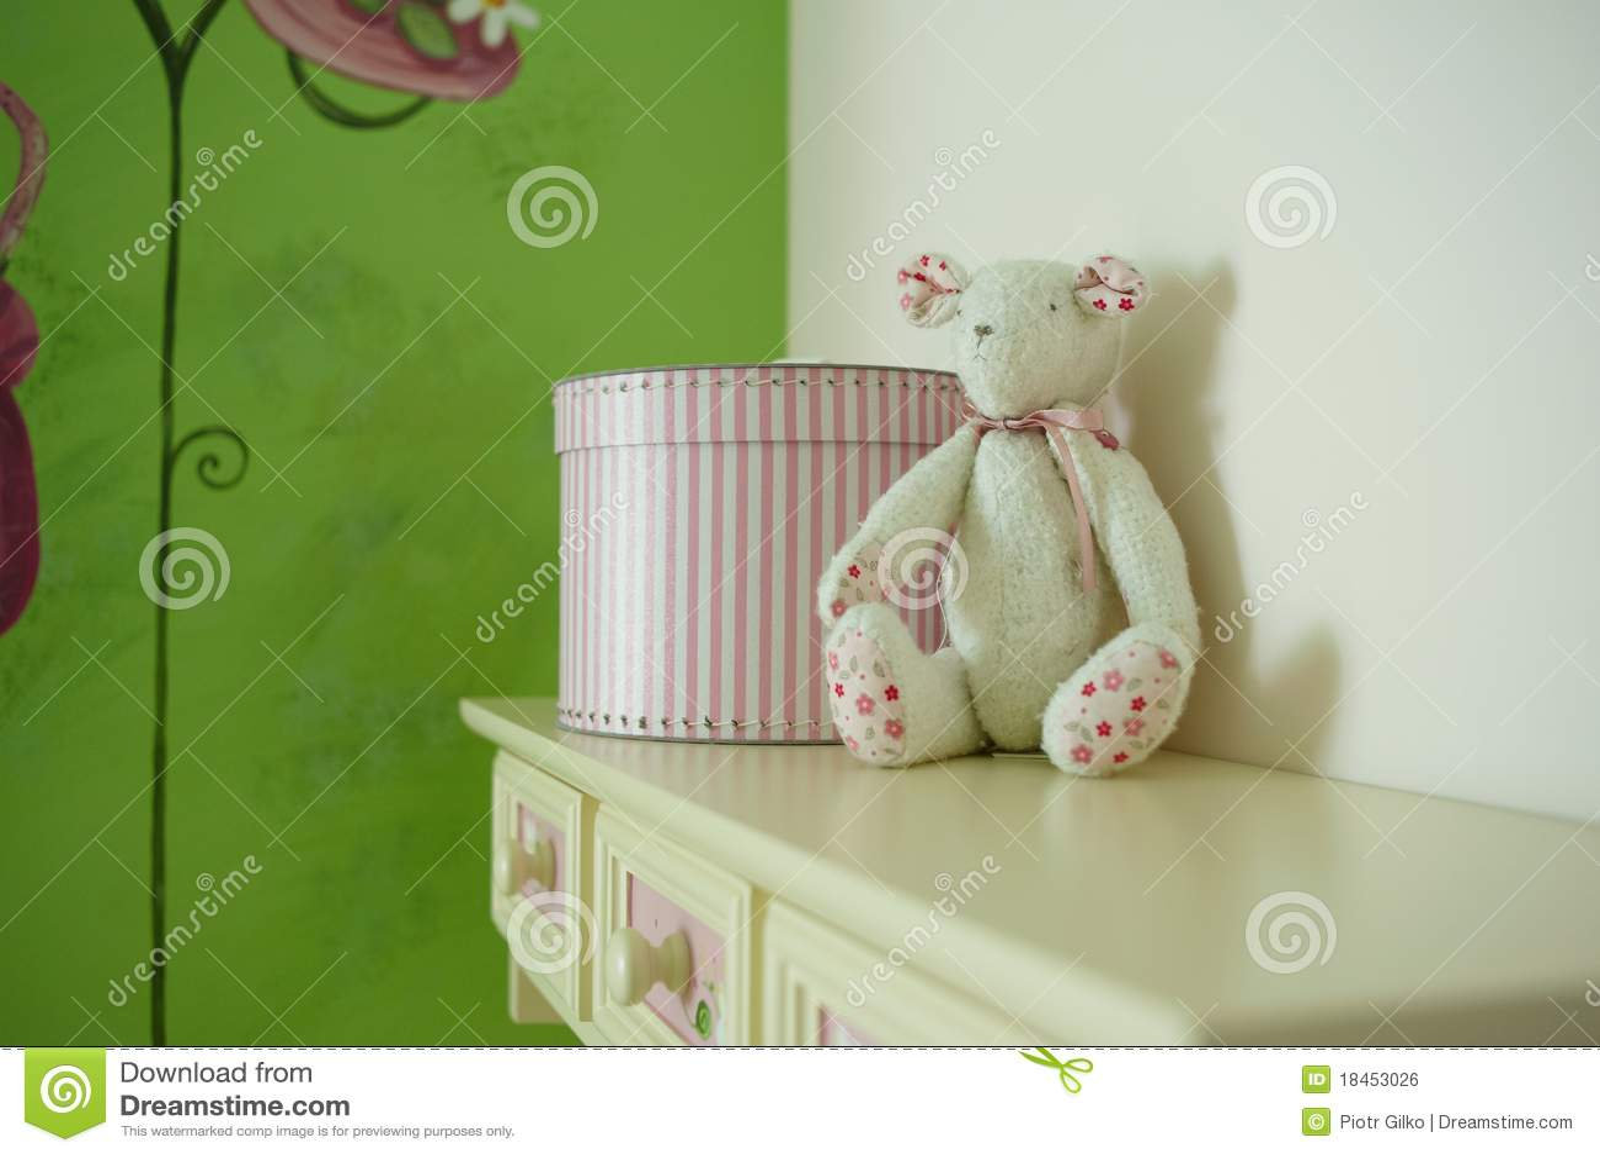 jouet d 39 ours dans la chambre d 39 enfant image libre de droits image 18453026. Black Bedroom Furniture Sets. Home Design Ideas